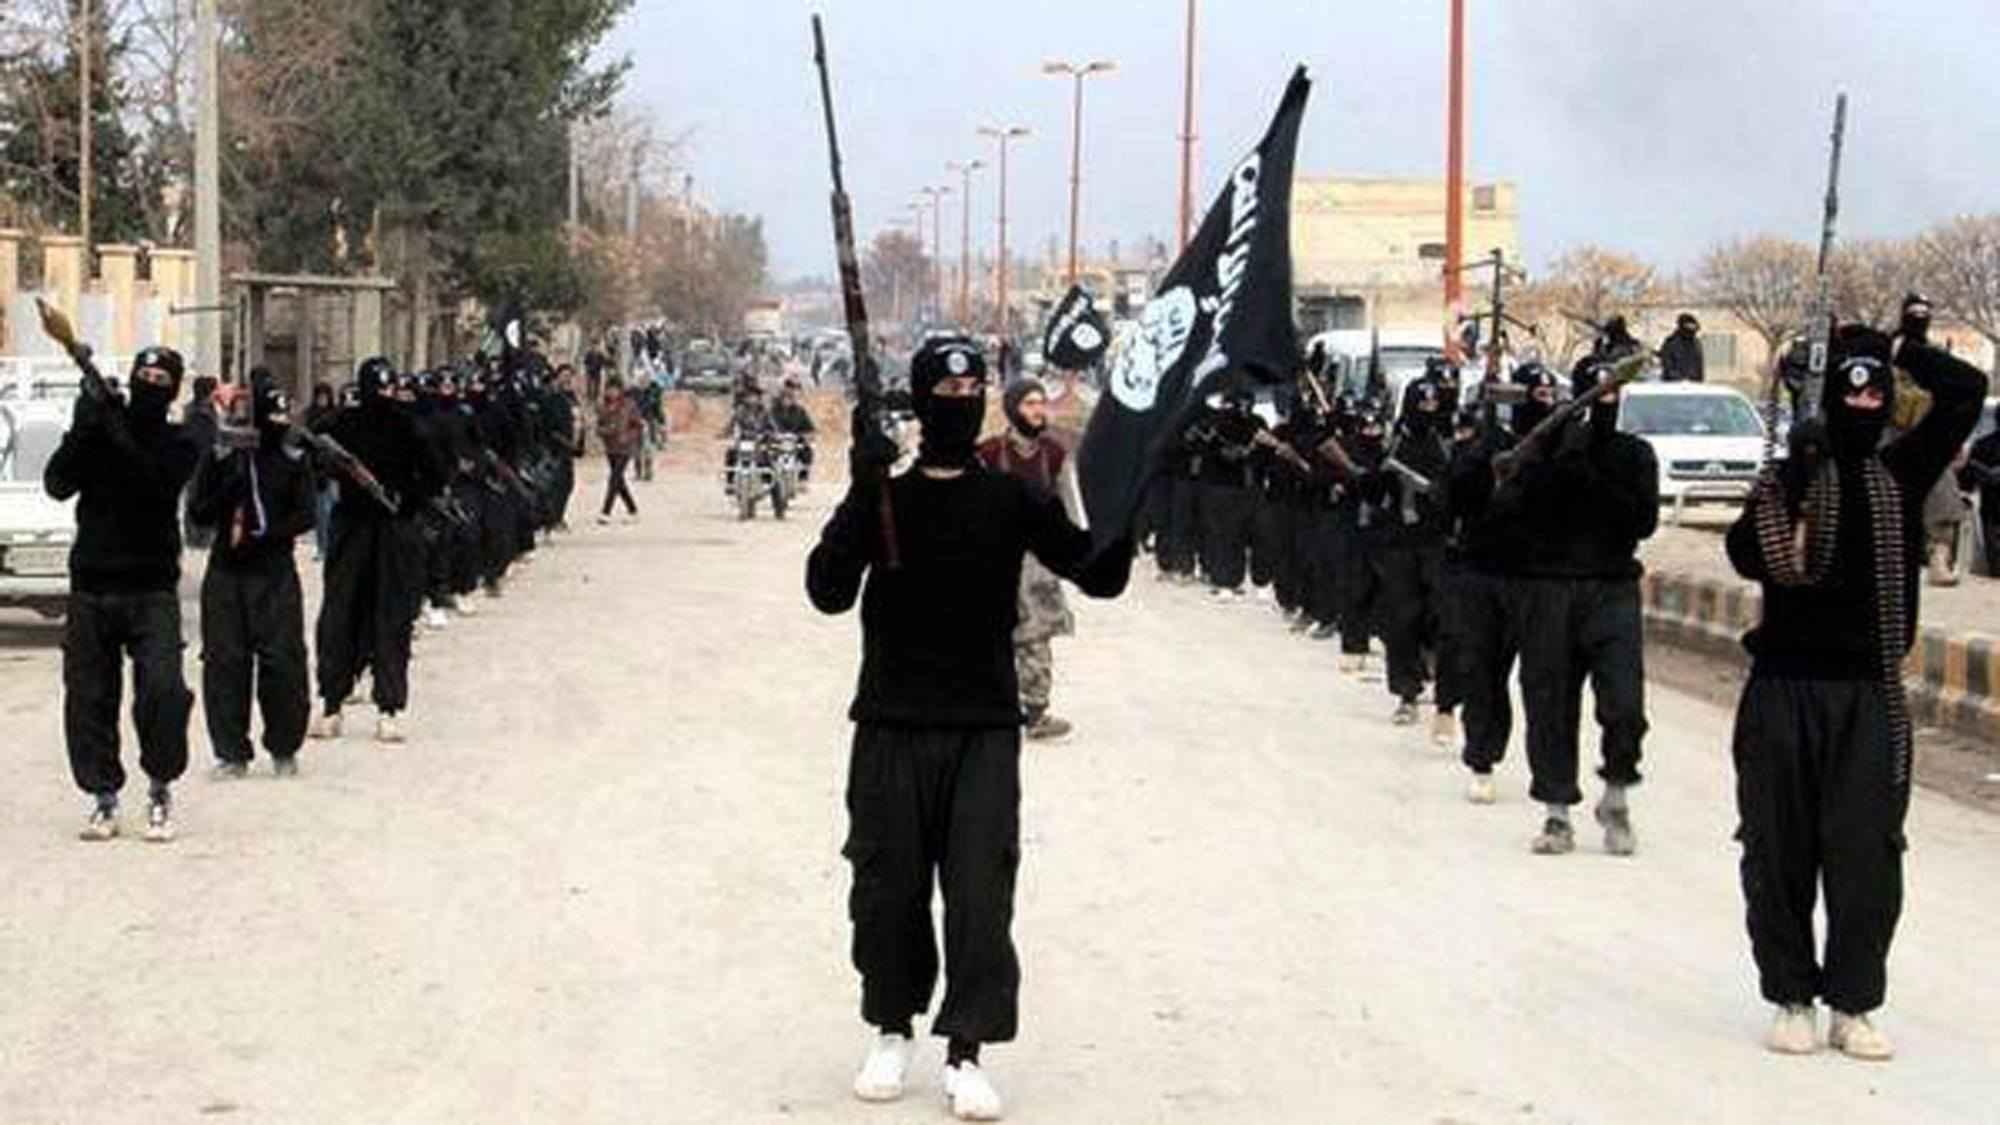 «داعش» سرّب أسماء مجنديه عمداً ليمنع انشقاقهم وعودتهم